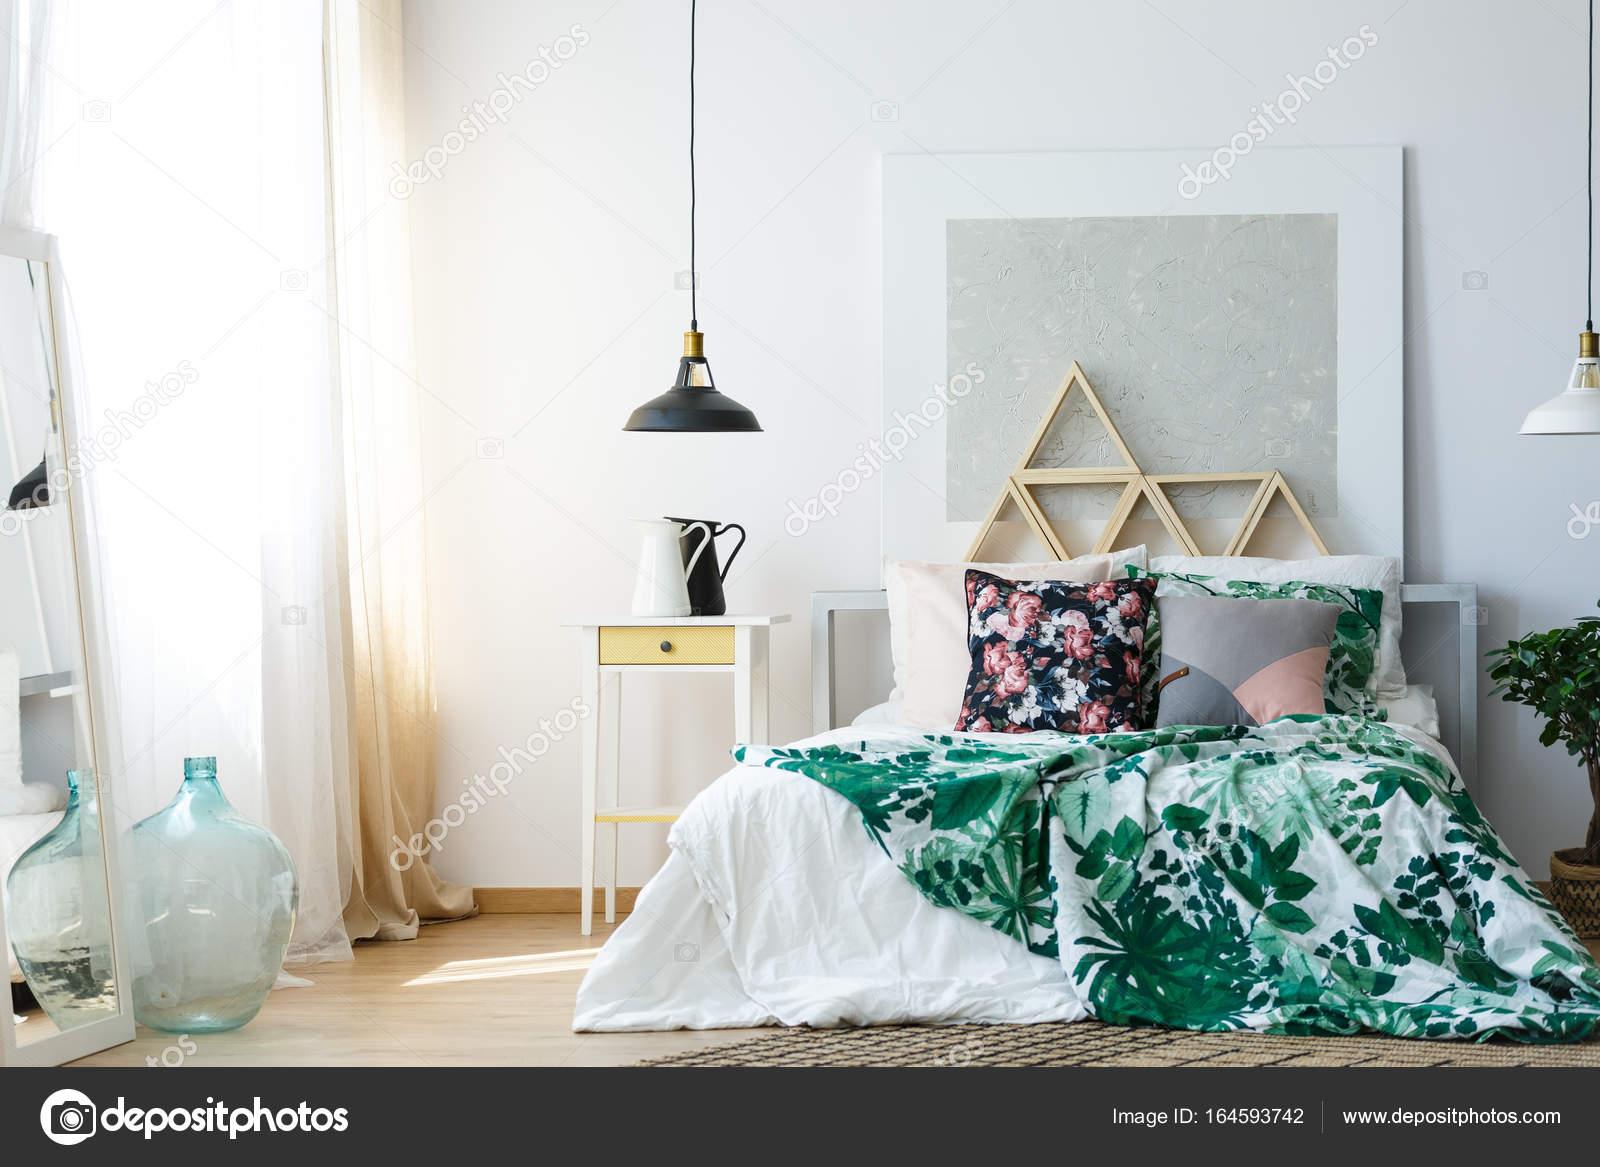 Gemütliche Schlafzimmer mit beruhigenden Farben — Stockfoto ...